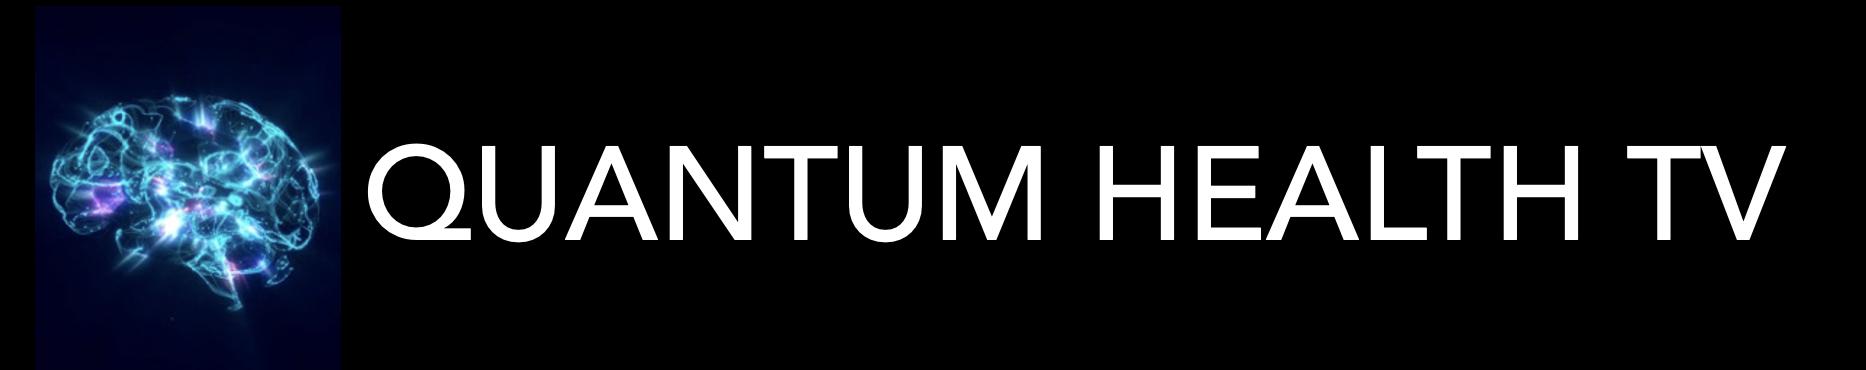 QuantumHealth.TV